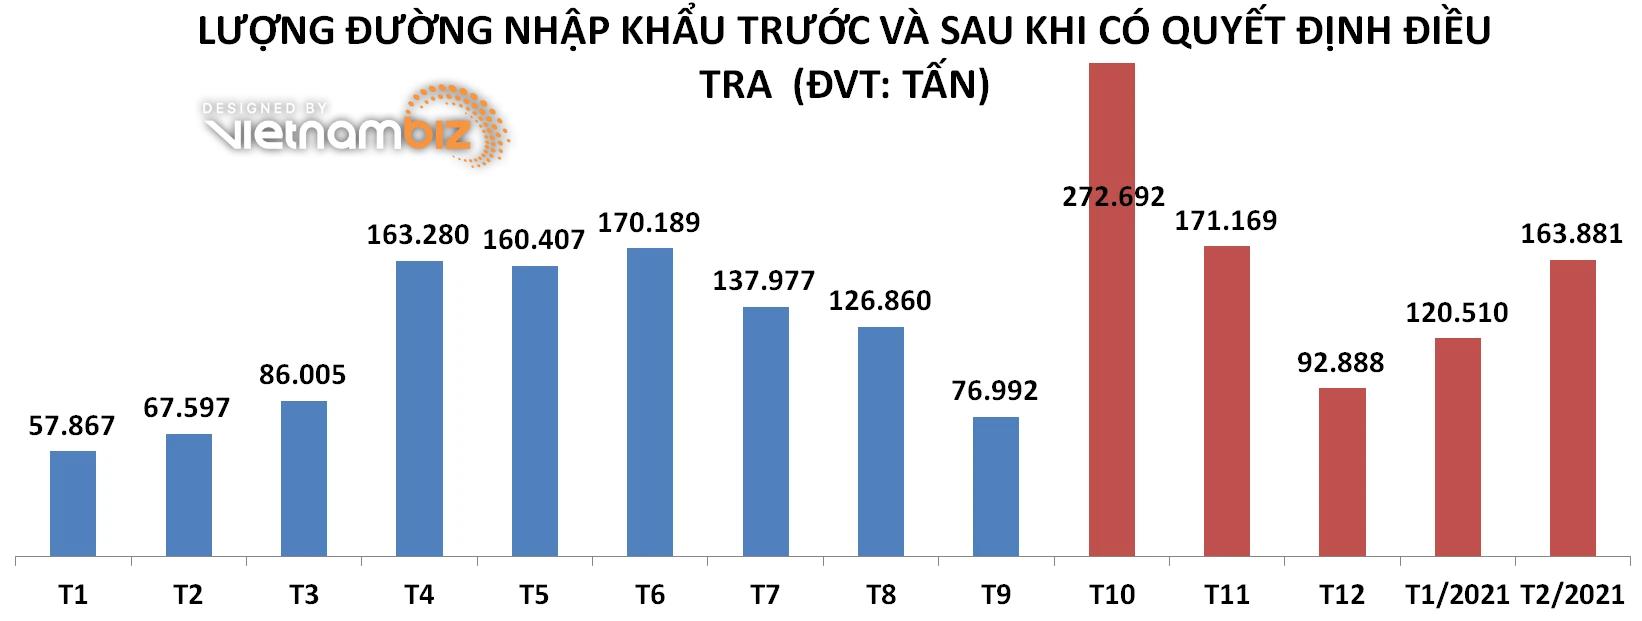 VSSA: Việc áp thuế CBPG, CTC đường Thái Lan đang bị vô hiệu hóa - Ảnh 1.